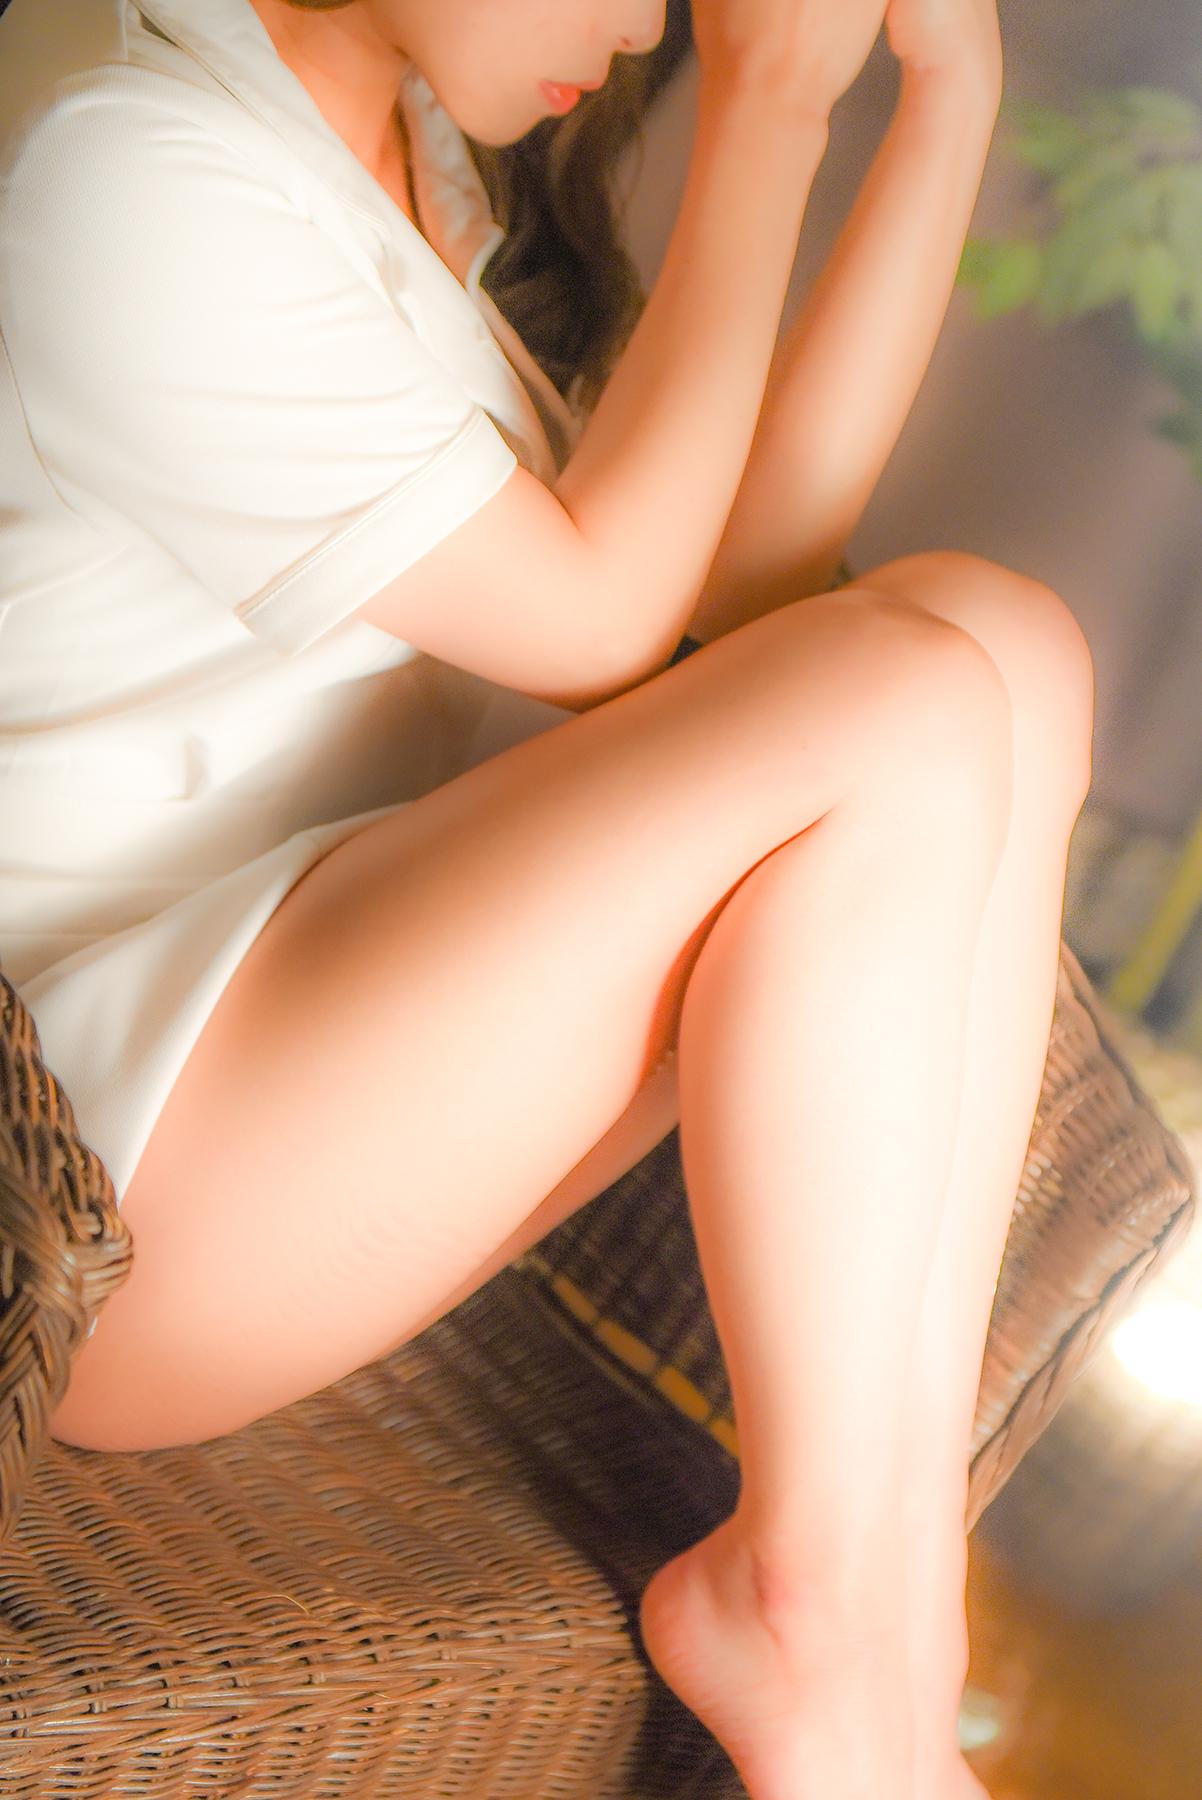 竹田 28歳